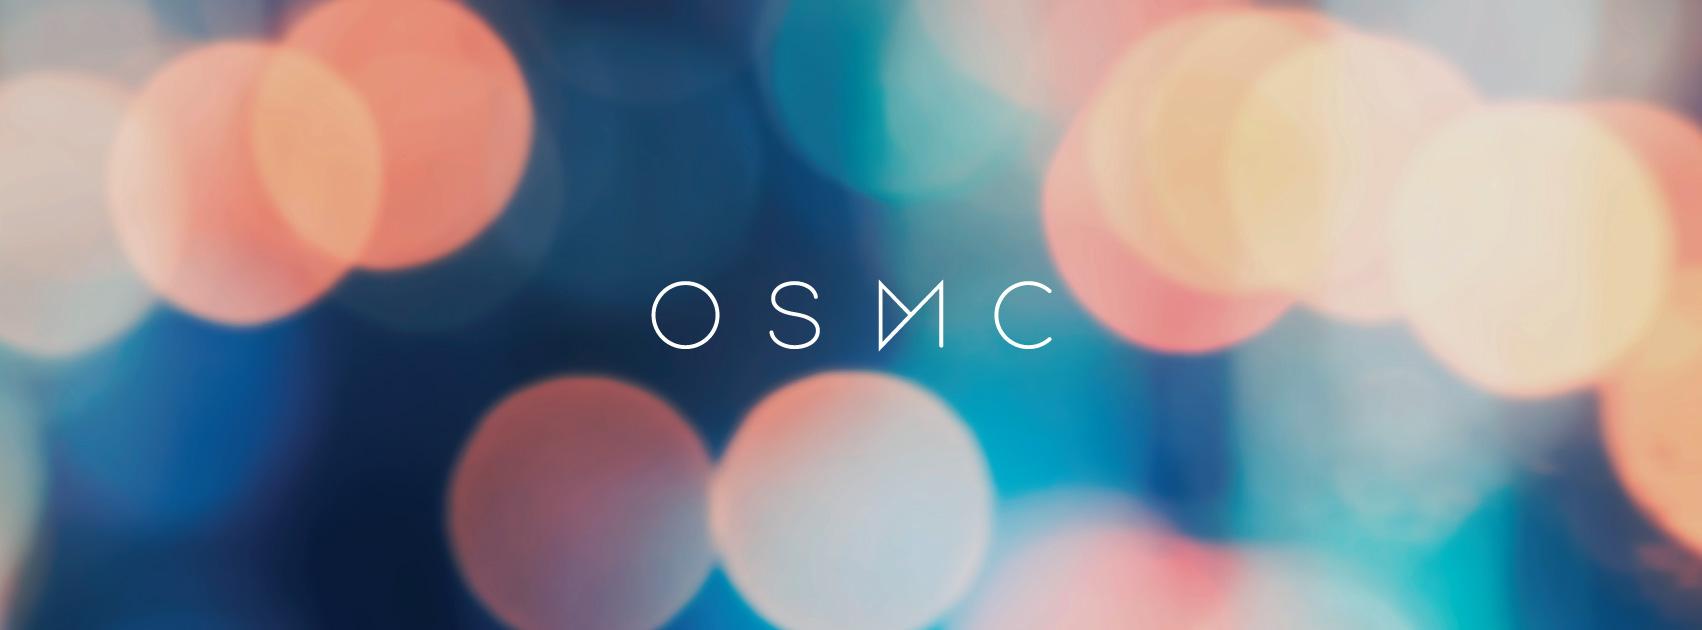 Nom : OSMC_FB_Banner.jpg Affichages : 6334 Taille : 121,5 Ko